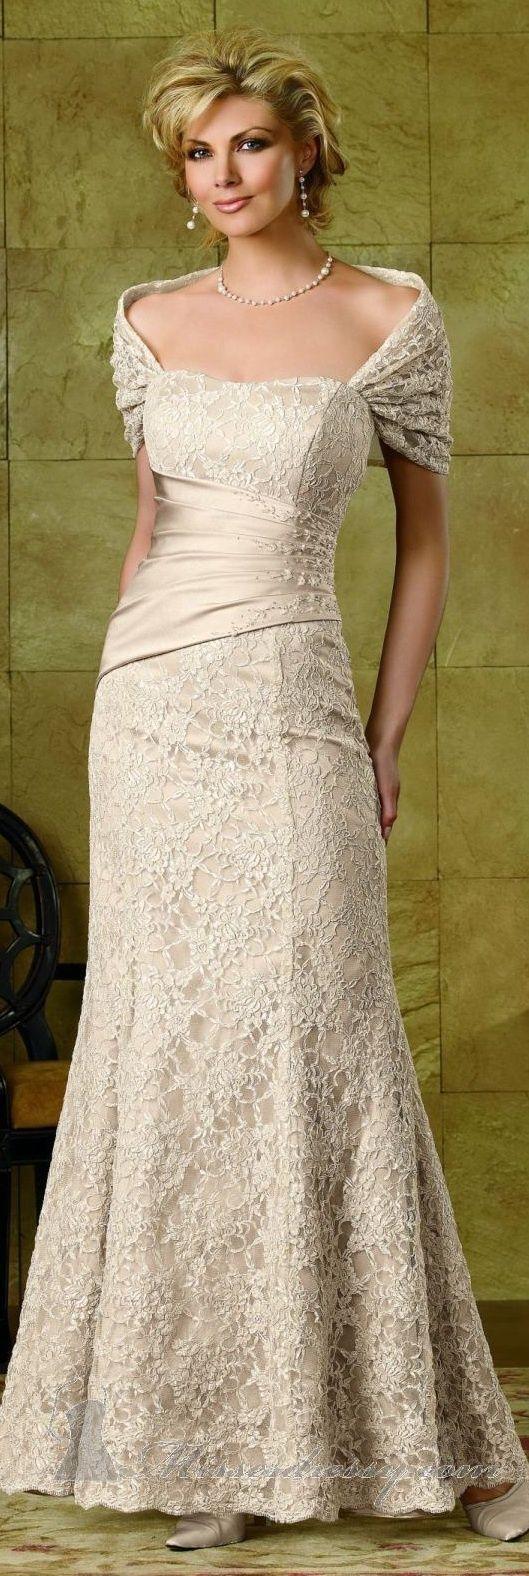 Vestidos modernos para la madre de la novia bride dresses groom